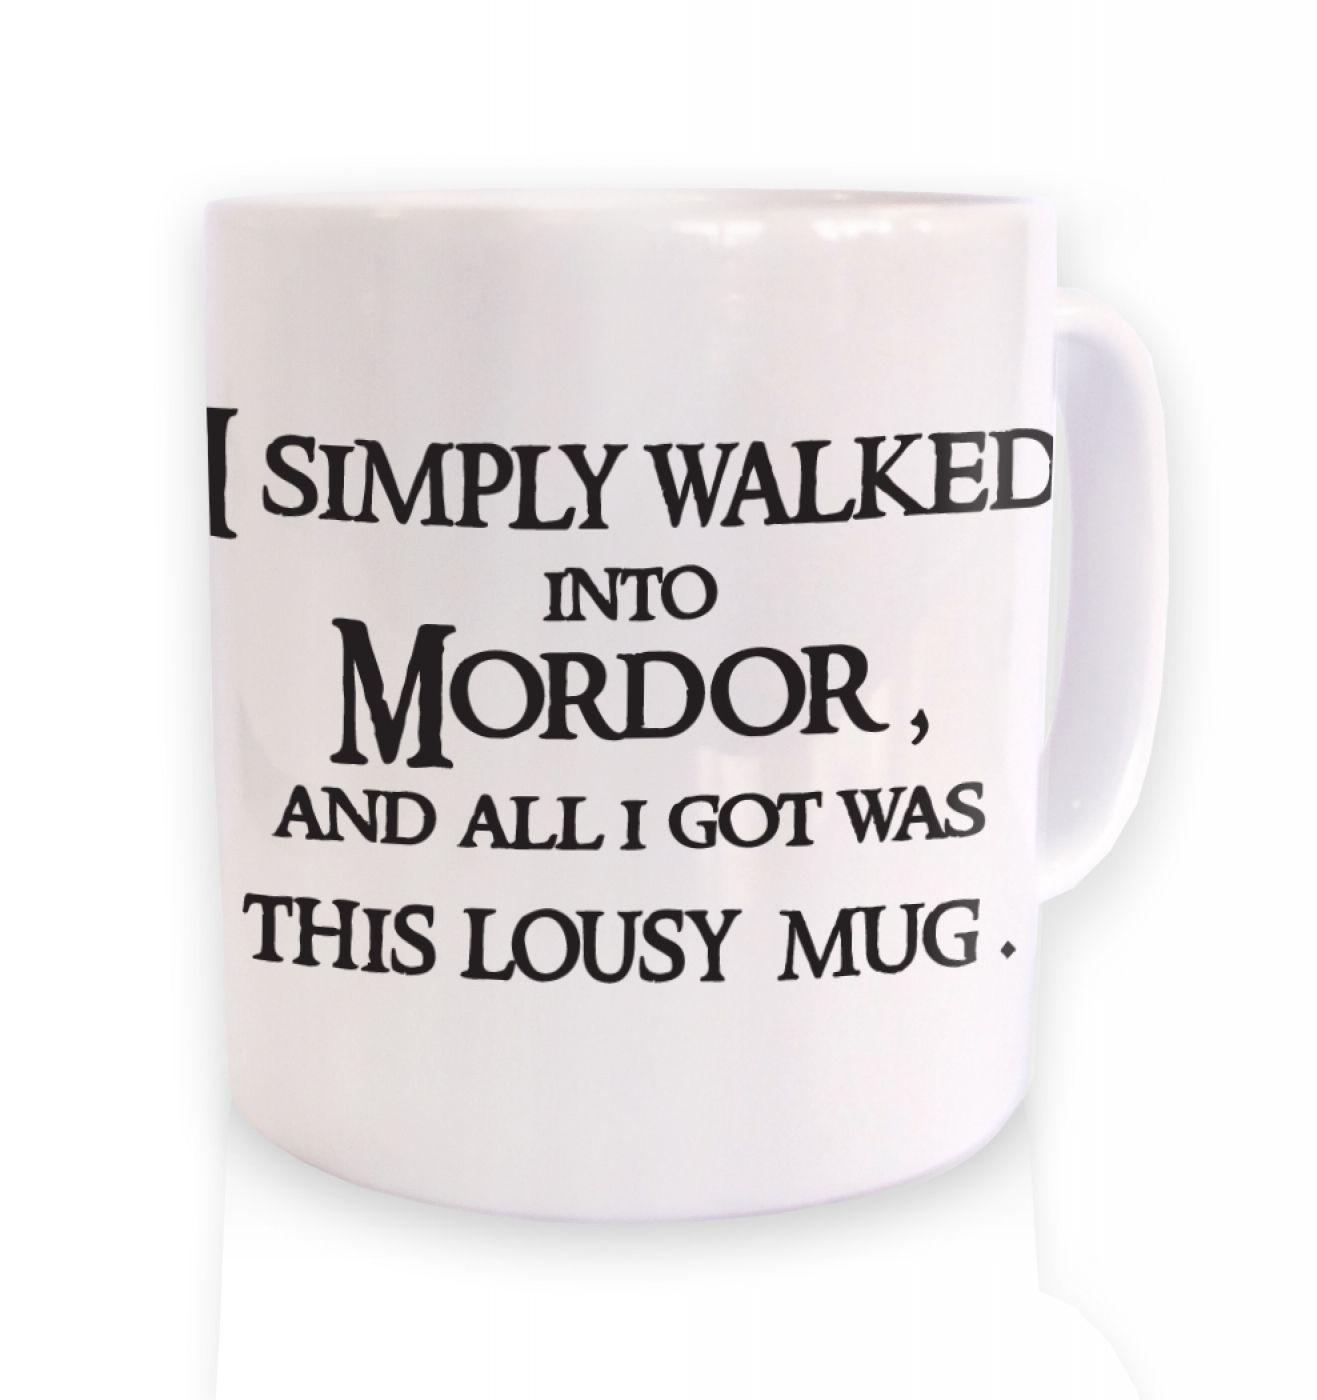 A Mug From Mordor mug